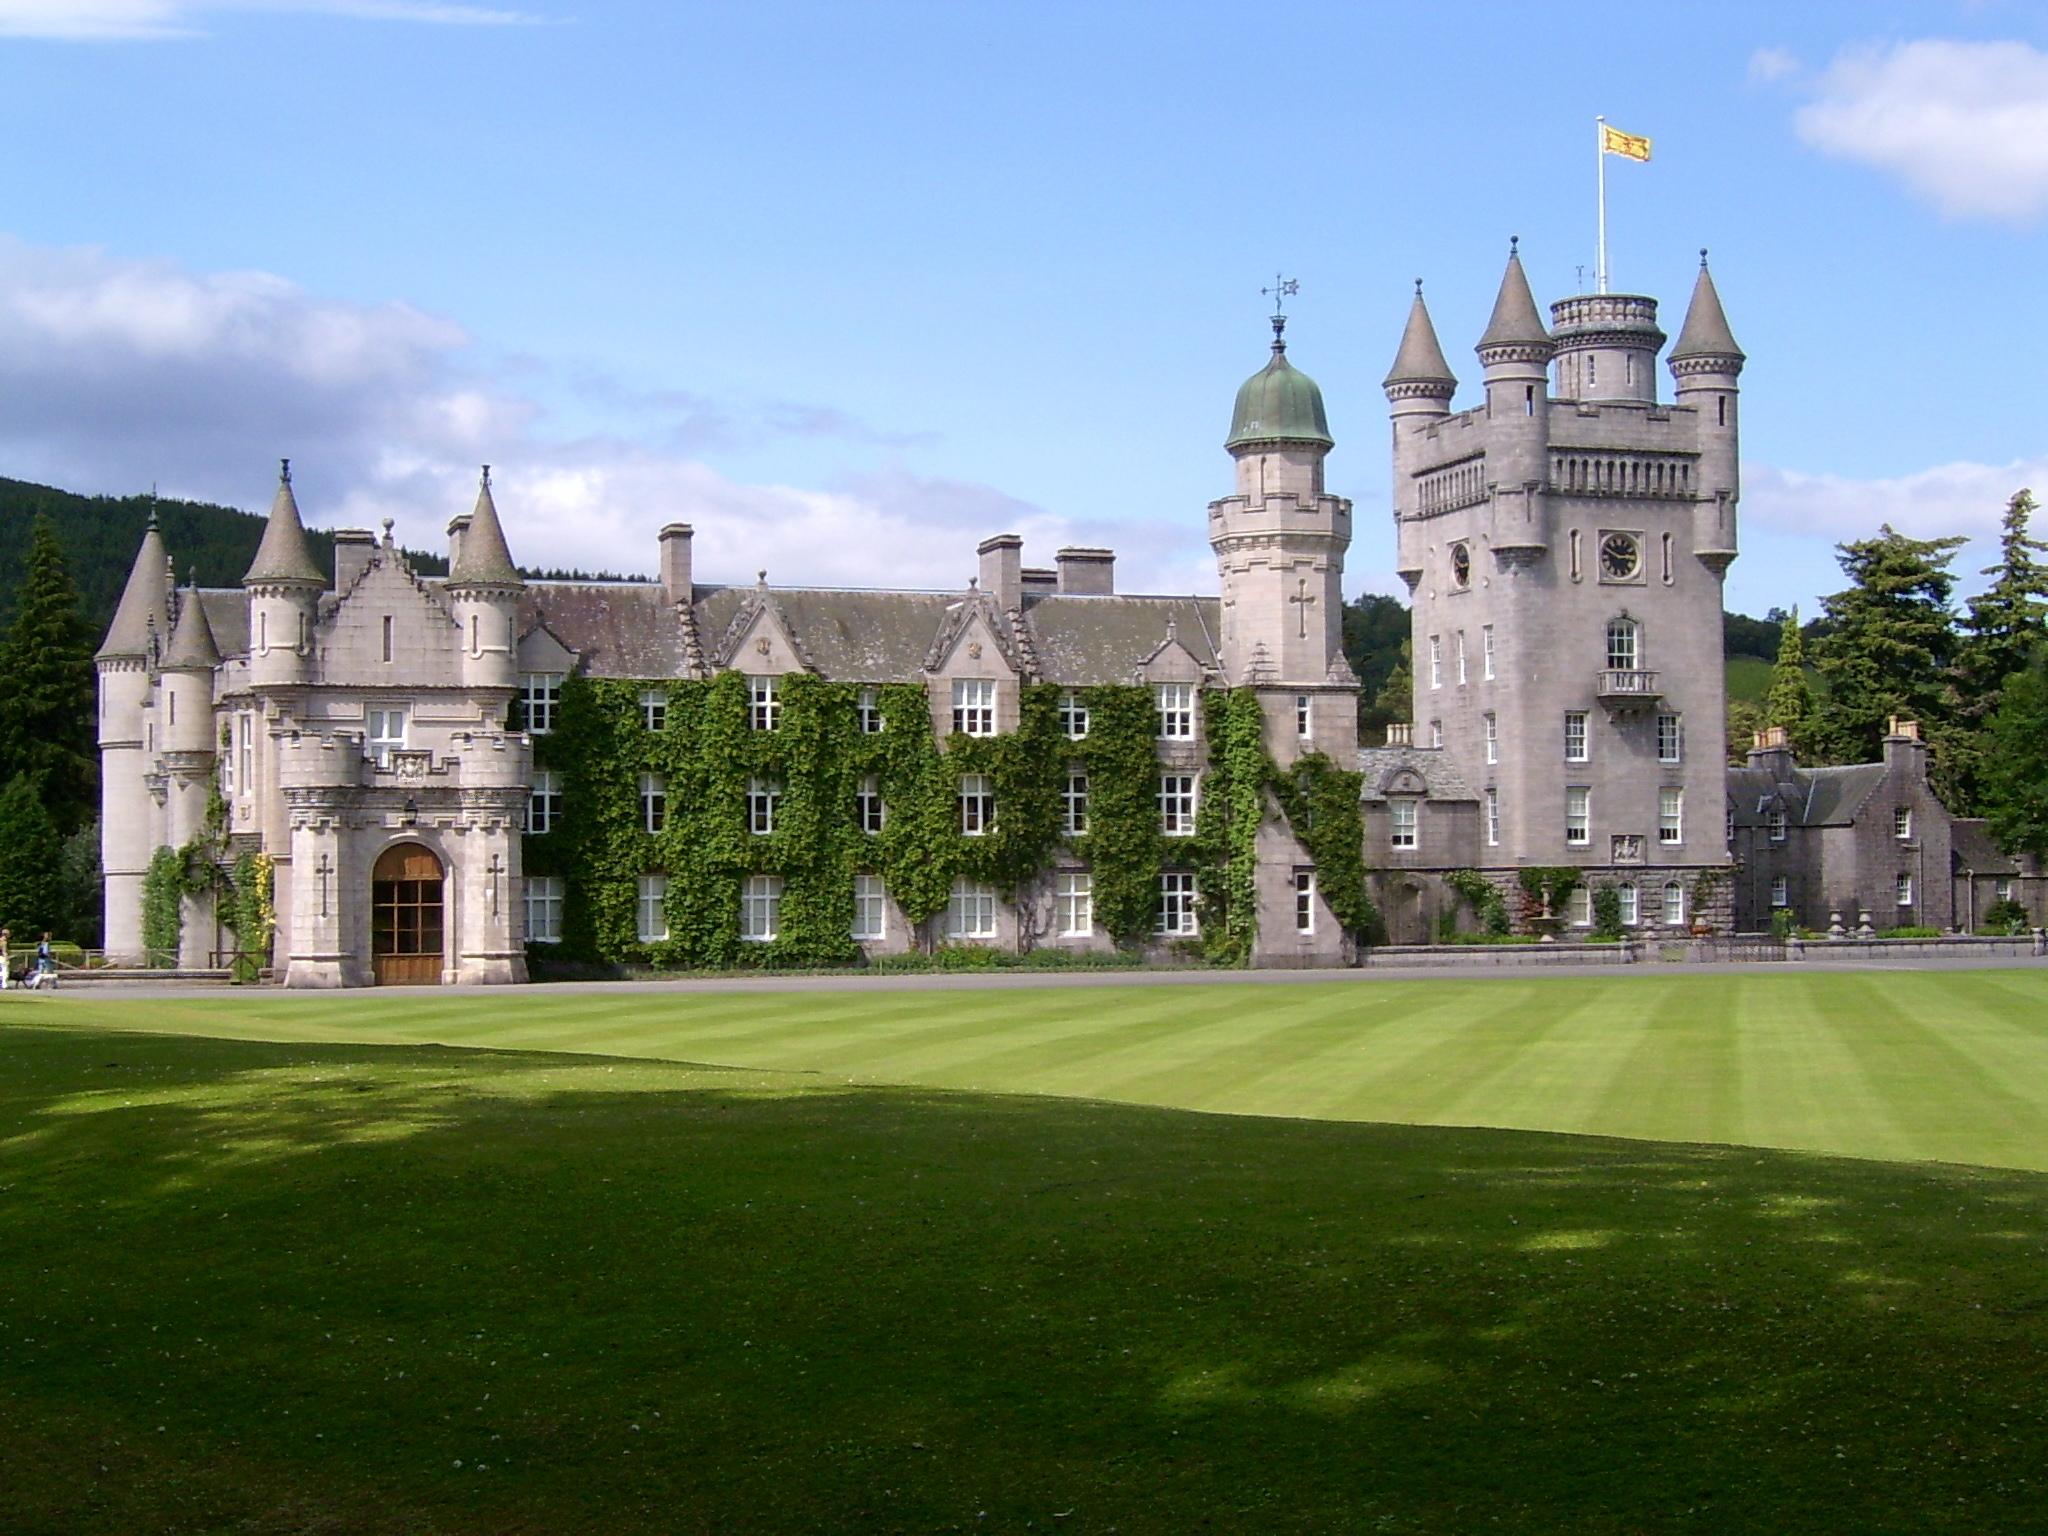 Onde mais a Rainha Isabel II vive, além do Palácio de Buckingham?